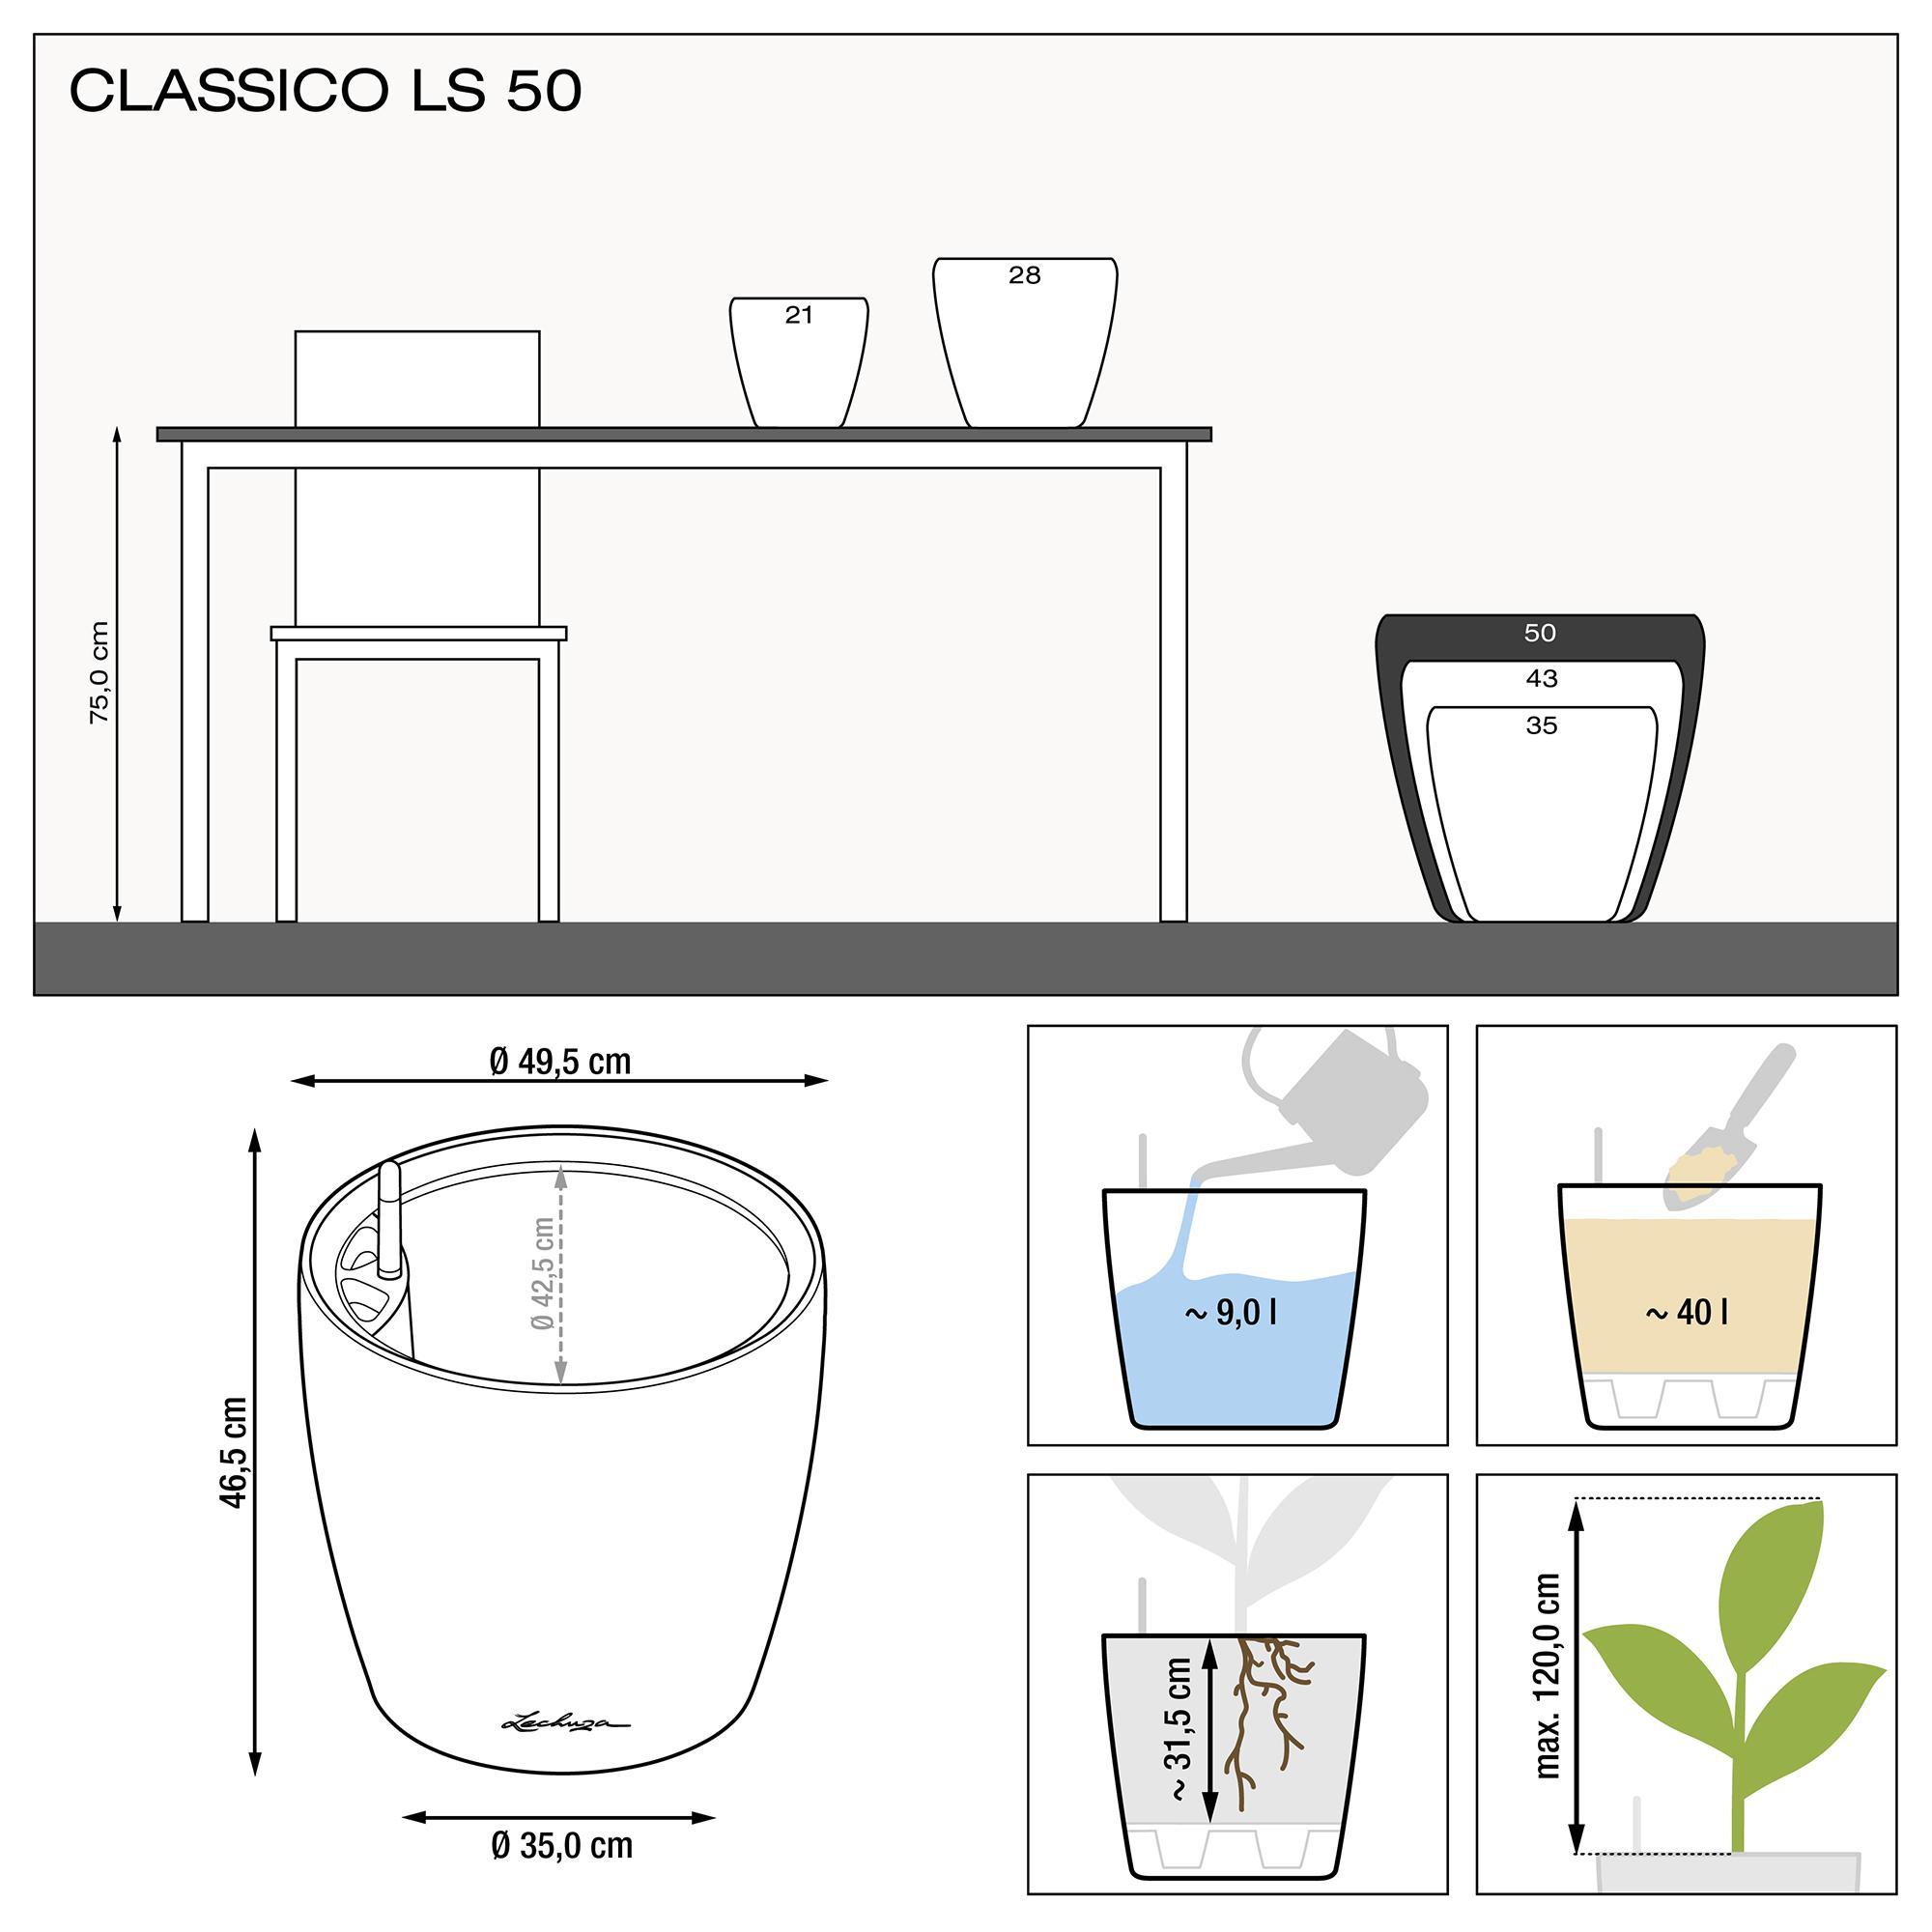 CLASSICO LS 50 Белый блестящий - изображение 3